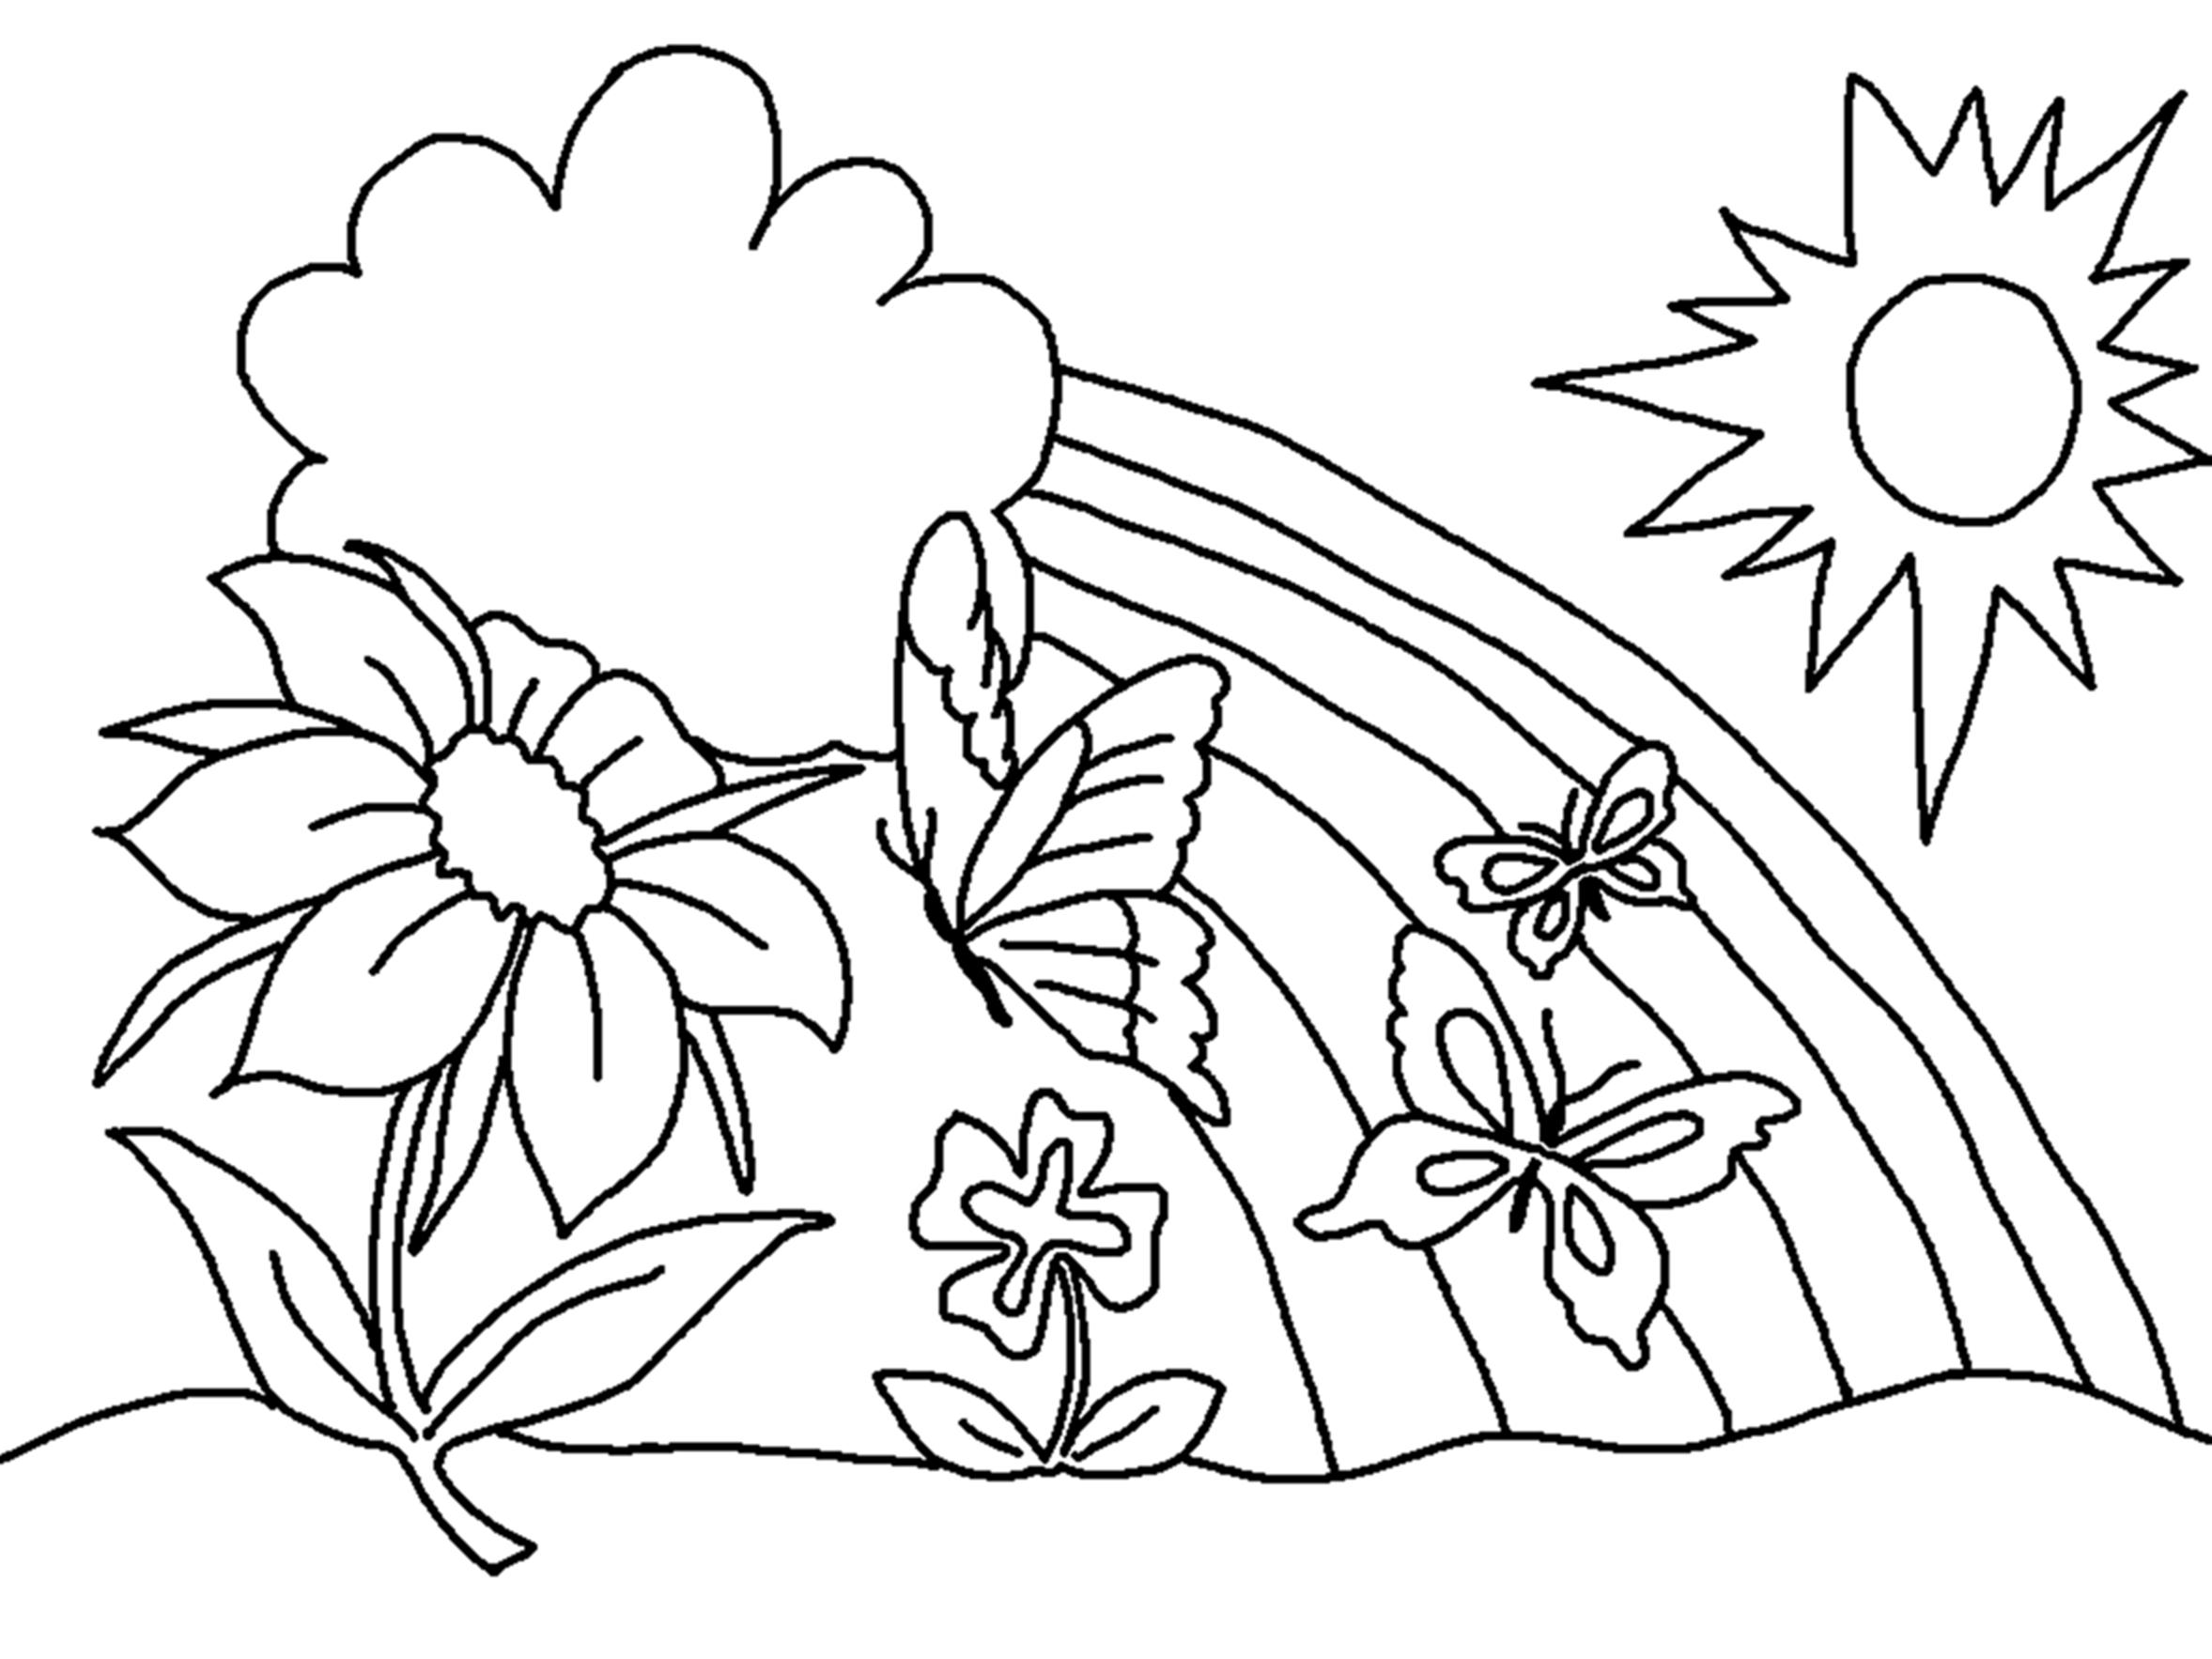 Tranh tô màu hoa và mặt trời cho bé